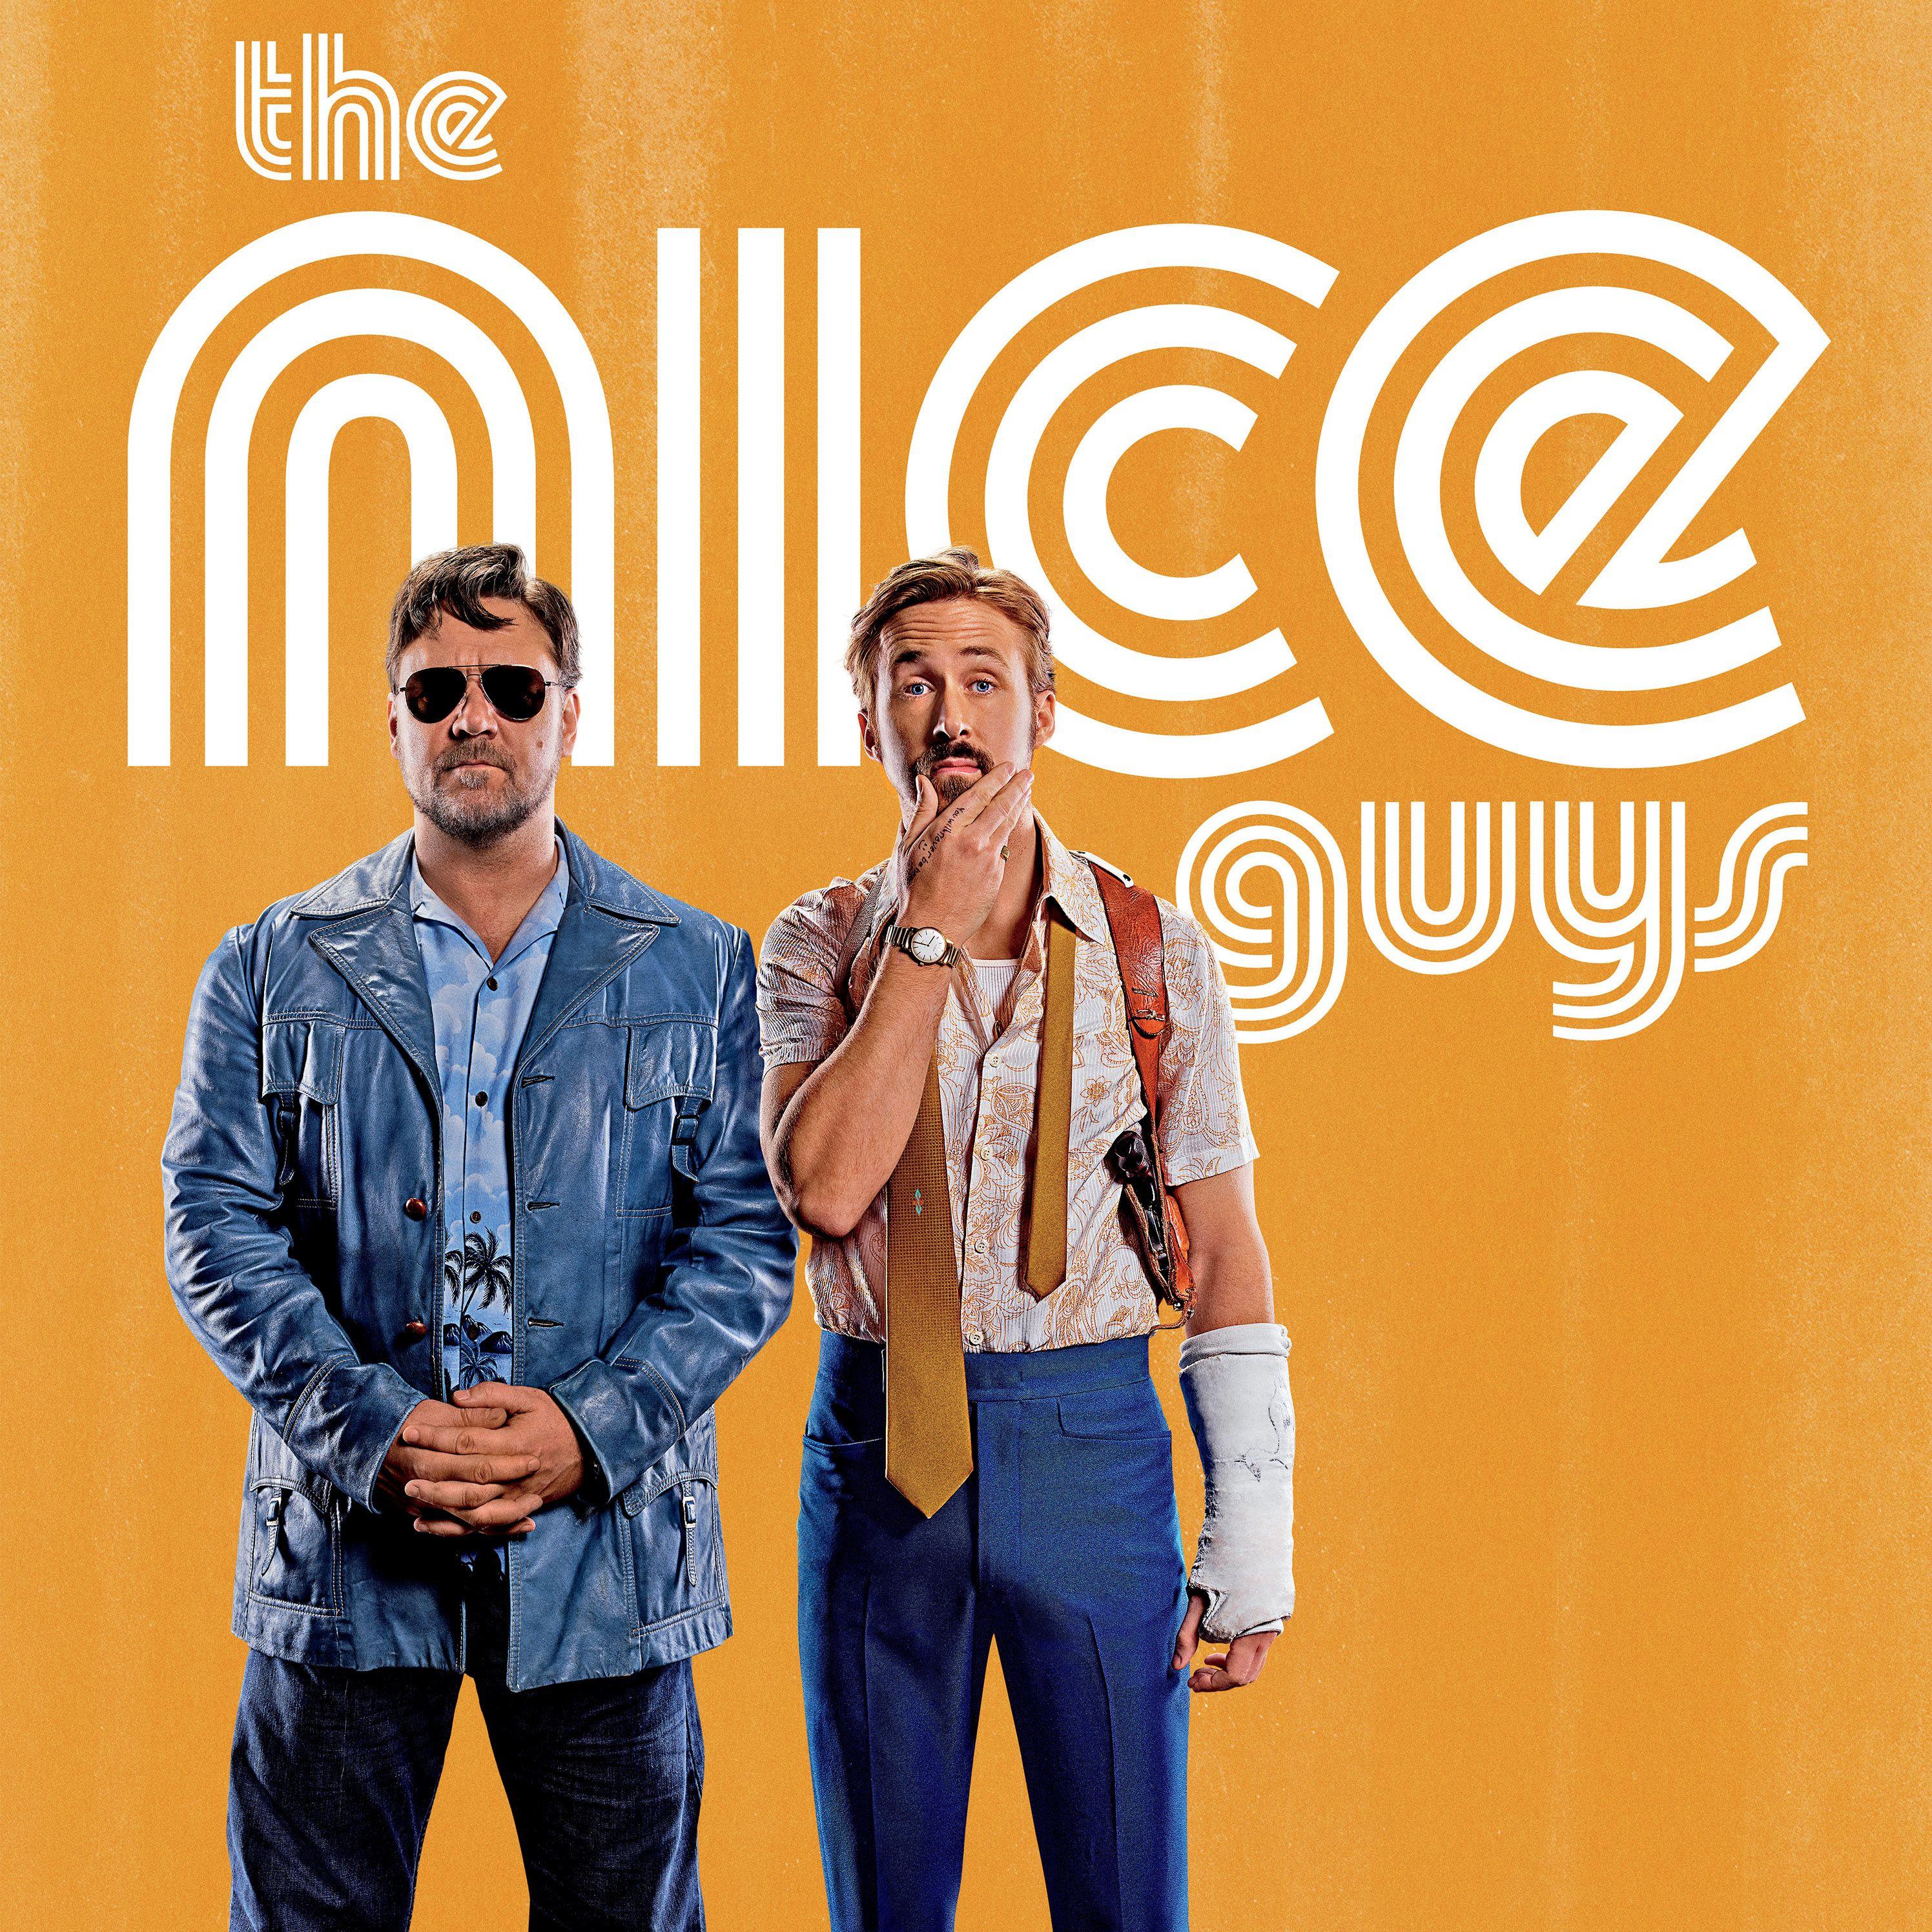 ServusTV - 16 Filme gratis zum Download: The Nice Guys / Love & Other Drugs / Happy Happy / Der Informant / Der Mandant / Auftrag Rache..